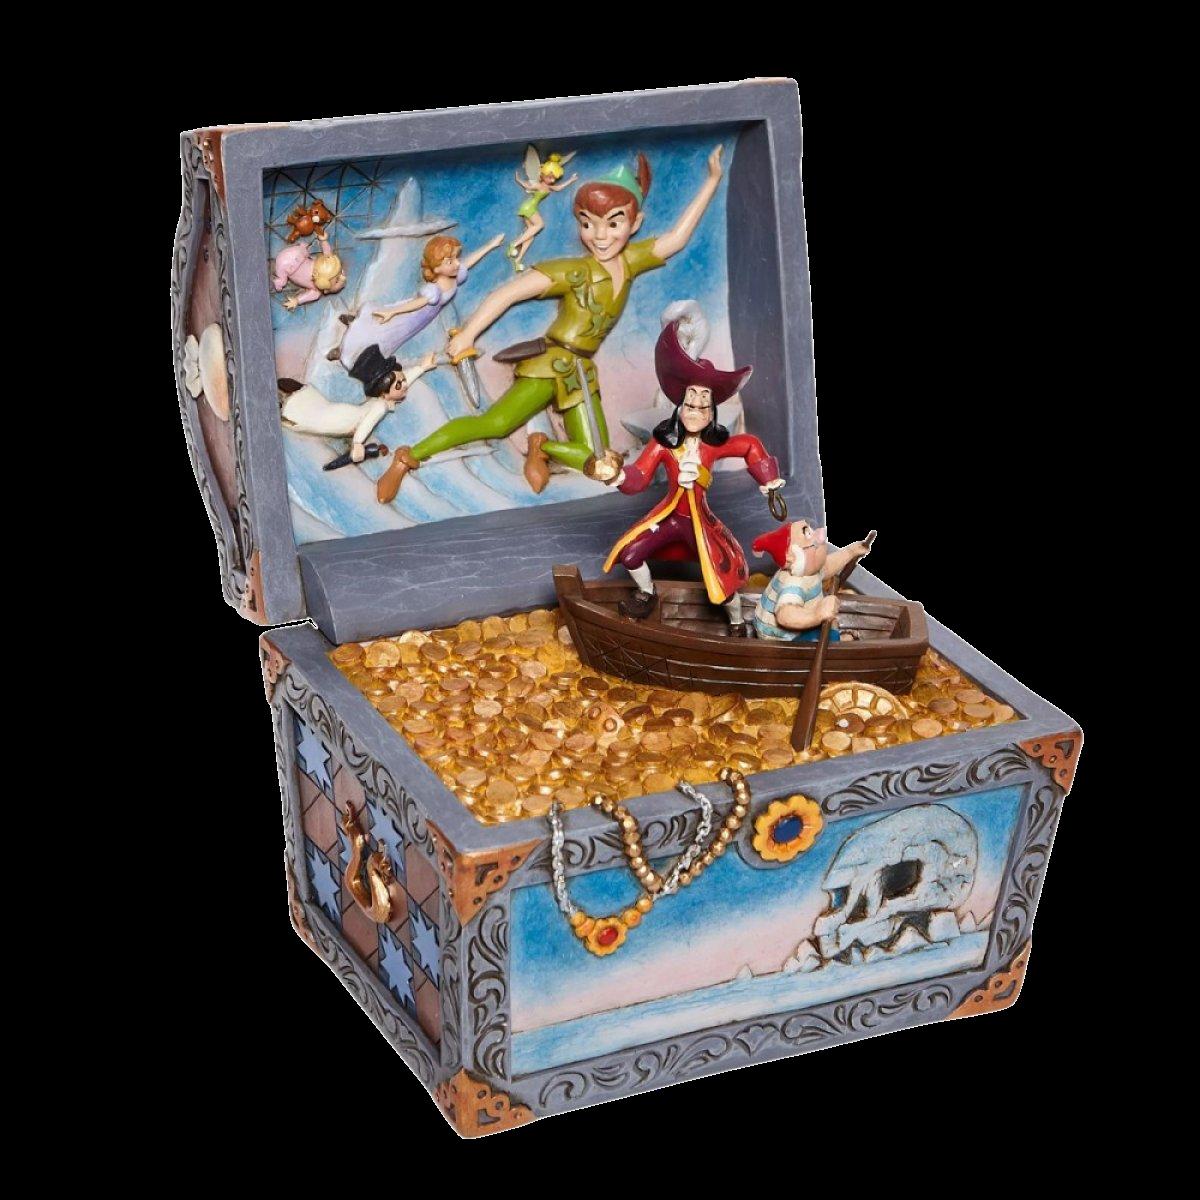 jim-shore-disney-traditions-peter-pan-treasure-chest-toyslife